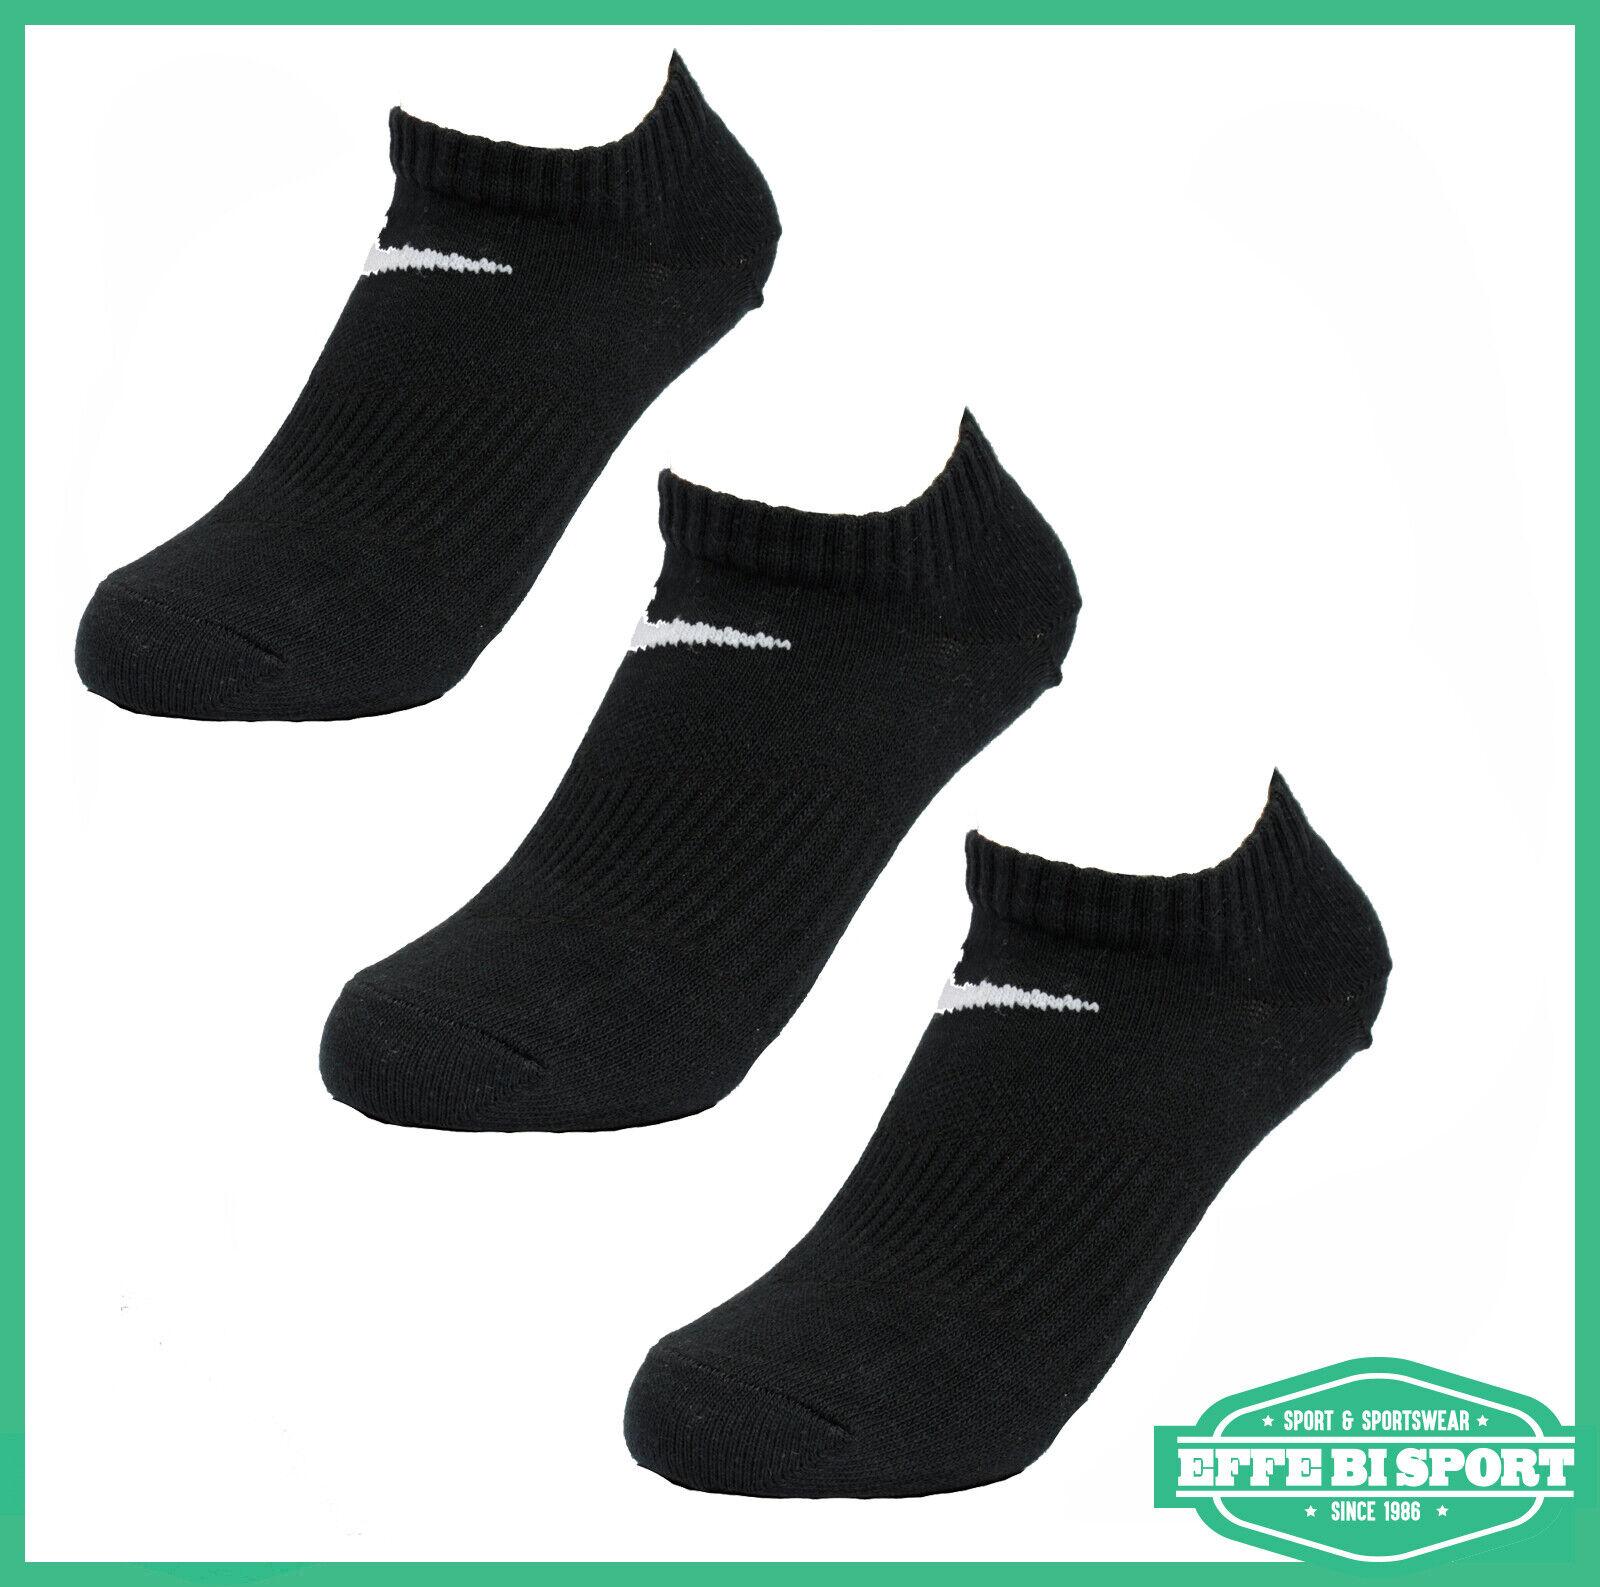 INVISIBILE 6 Paia di Calzini Fantasmini Donna Sneaker Calze Cotone Calza Corta Sportiva con Taglio Basso Antiscivolo con Silicone sul Tallone